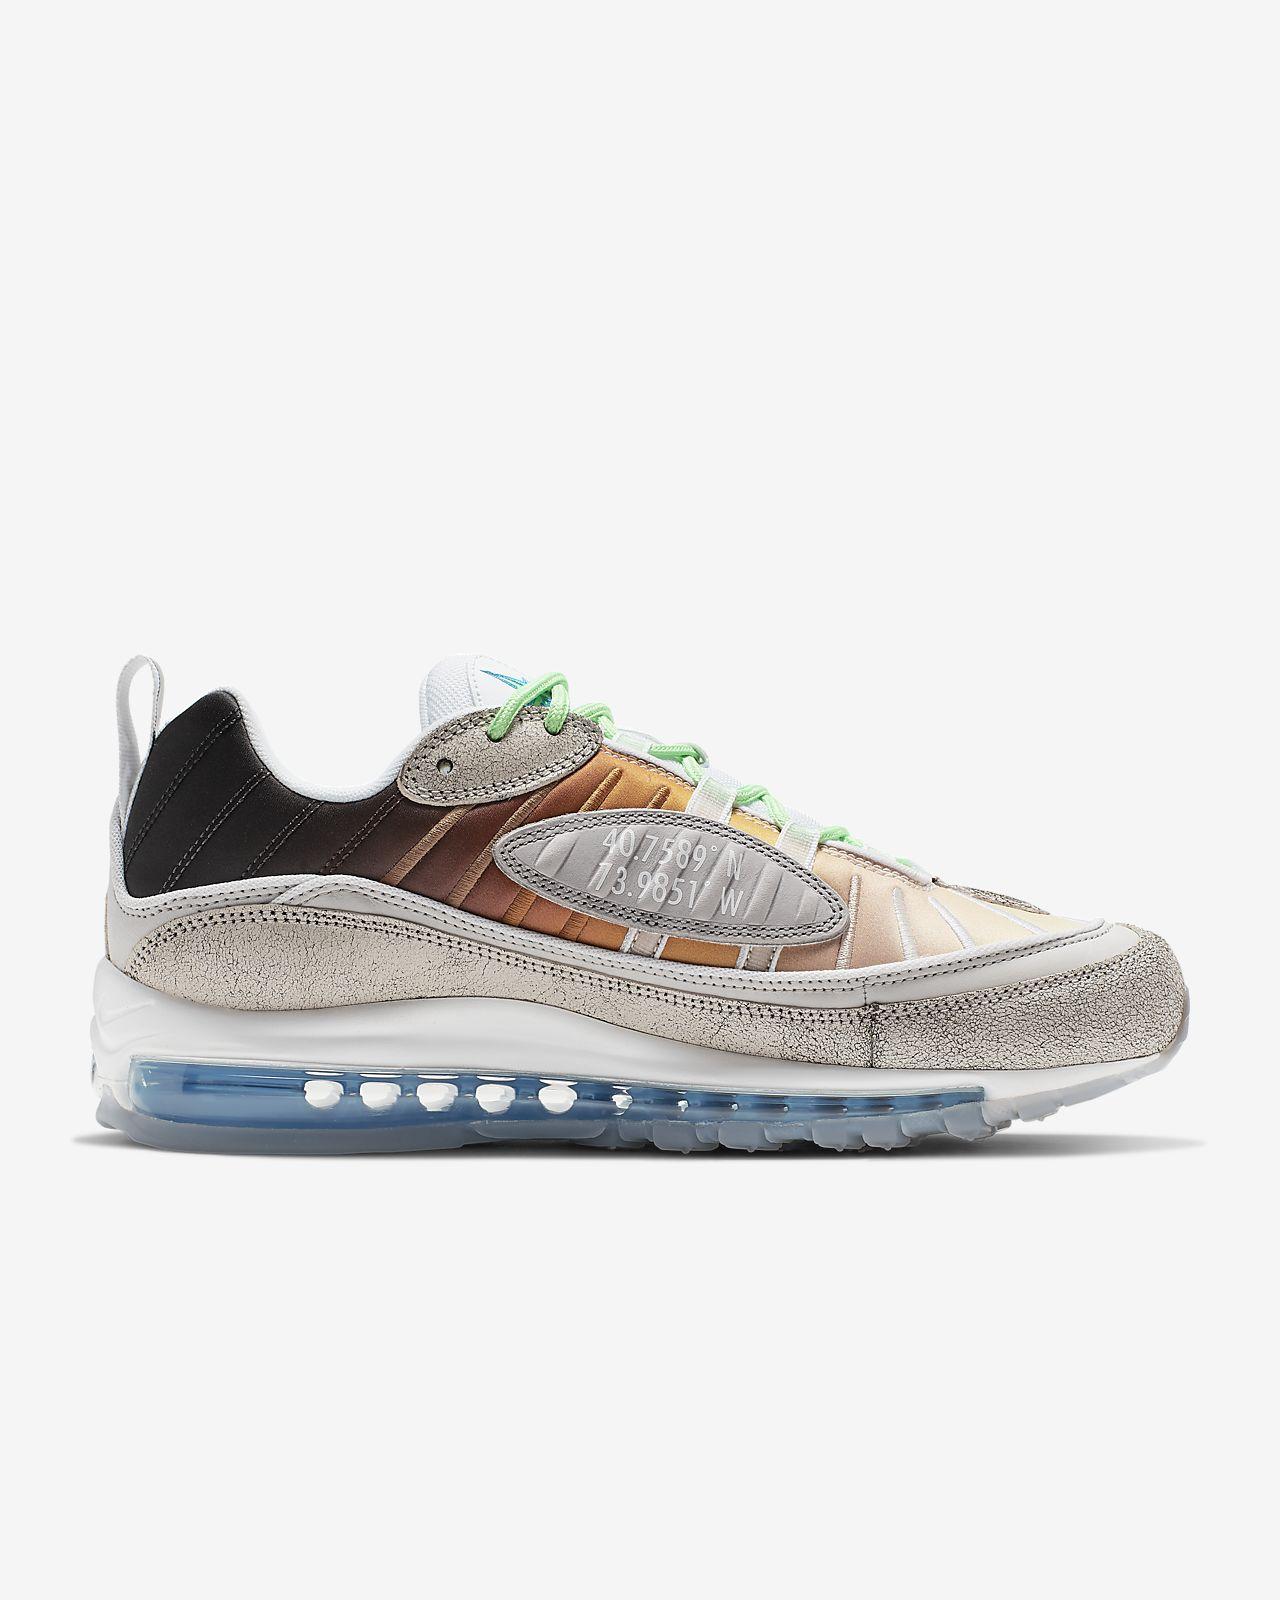 0dc0f21086fdd Nike Air Max 98 On Air Gabrielle Serrano Shoe. Nike.com GB